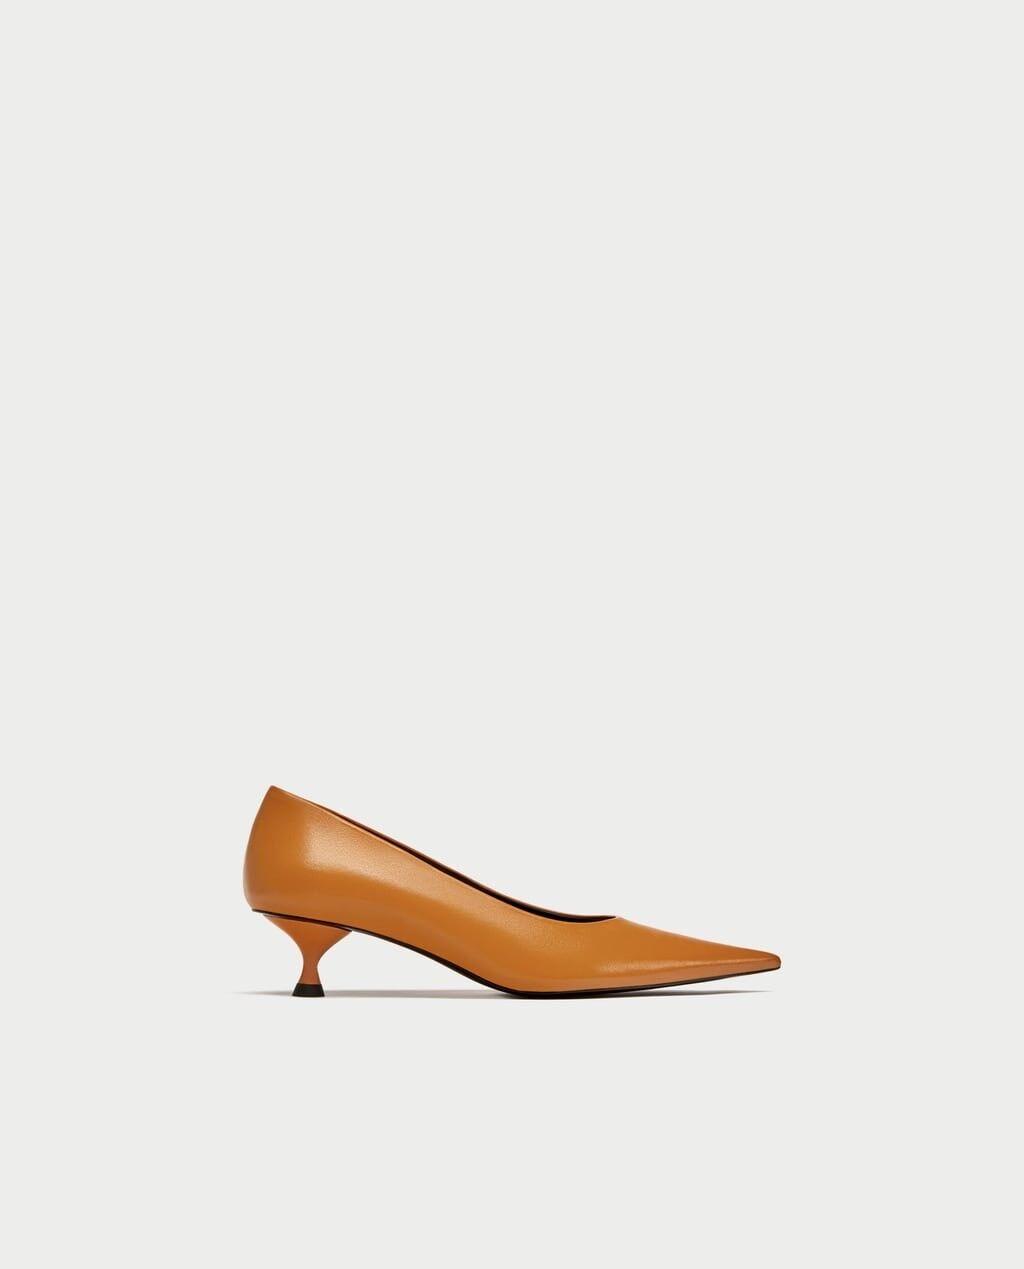 Zara nuevo FW17 Cuero señaló Tribunal Zapatos Talla Talla Talla 6.5 EUR 37 Nuevo con etiquetas  diseño único